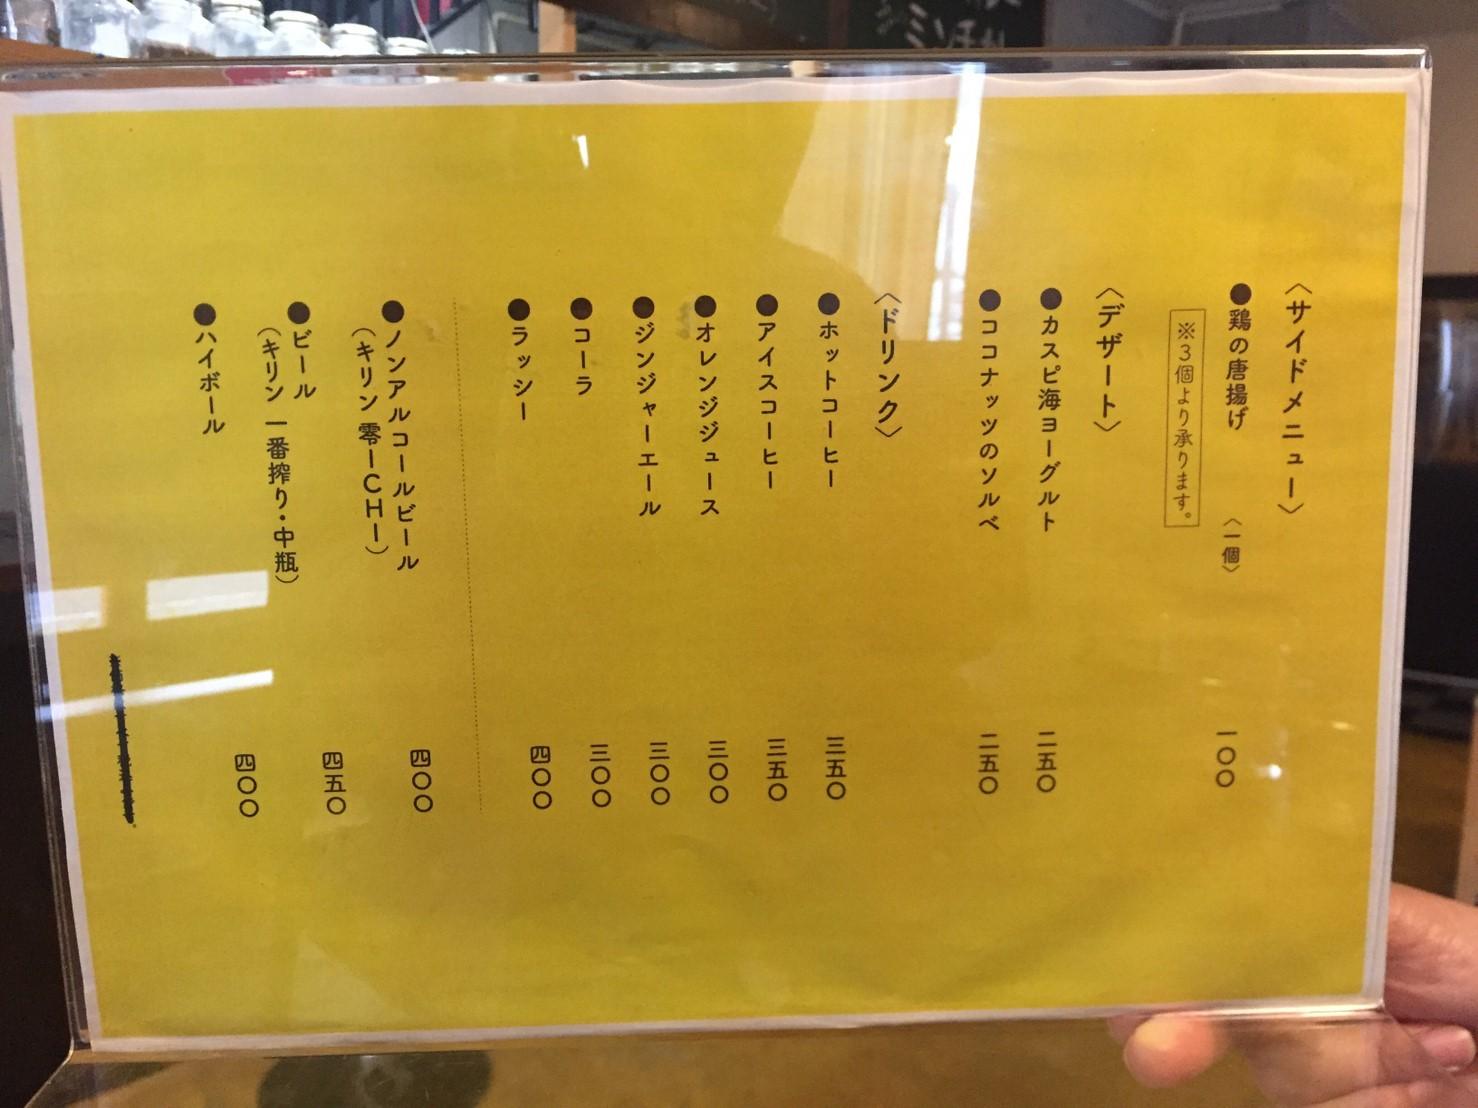 カレー食堂 ボヌール   おうちカレー_e0115904_04402195.jpg